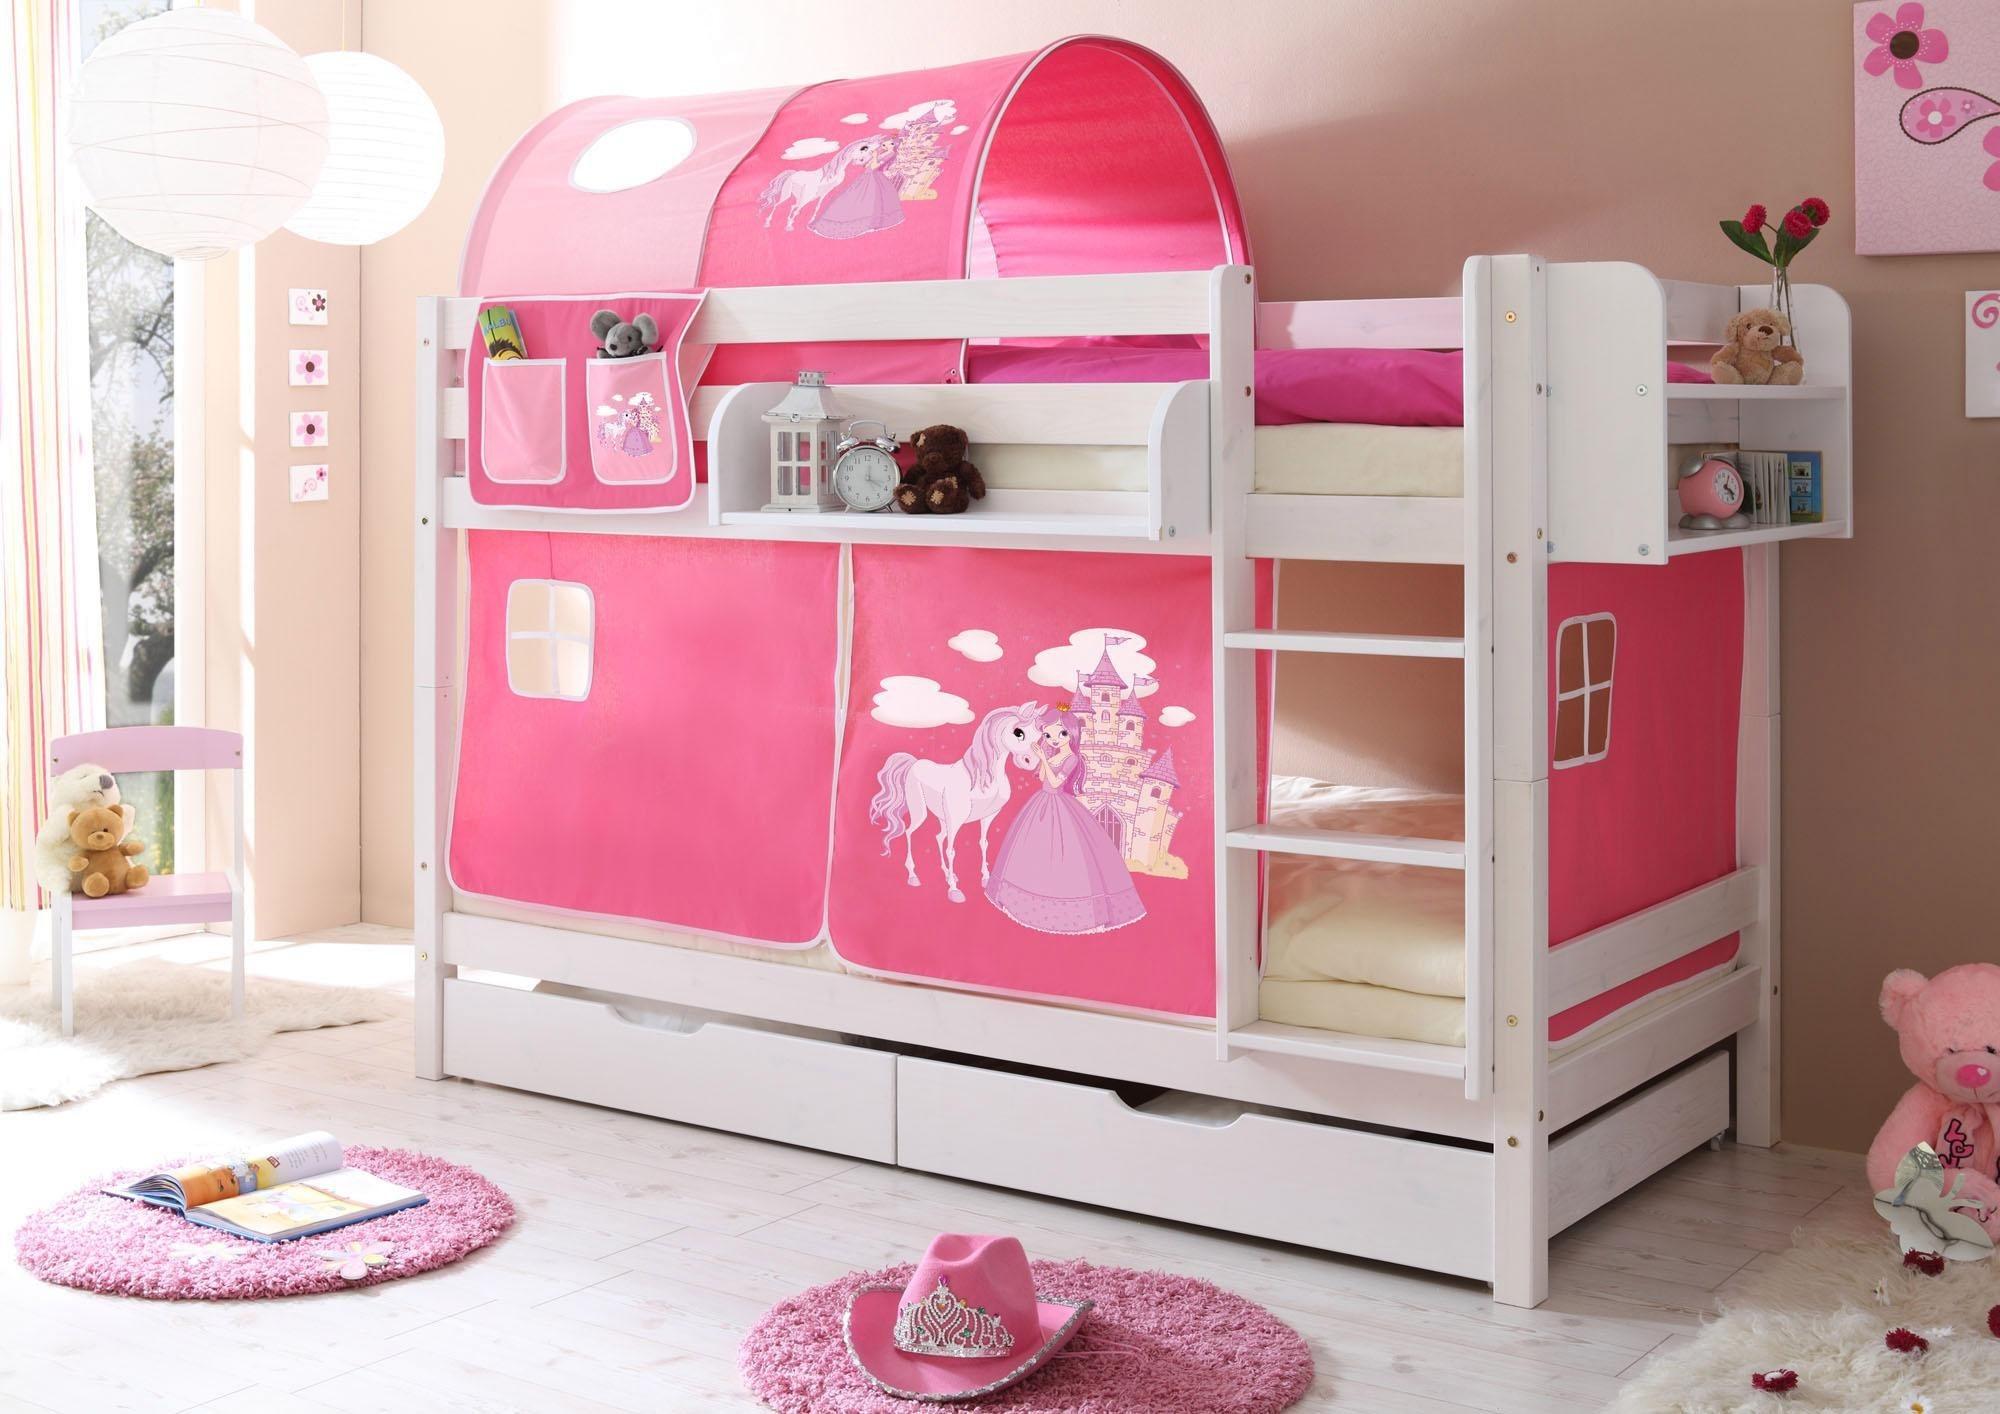 Ticaa Einzel-/Etagenbett »Lio« mit Textil-Set, Kiefer massiv weiß gewachst | Kinderzimmer > Kinderbetten > Etagenbetten | Kiefer - Textil - Baumwolle | Ticaa